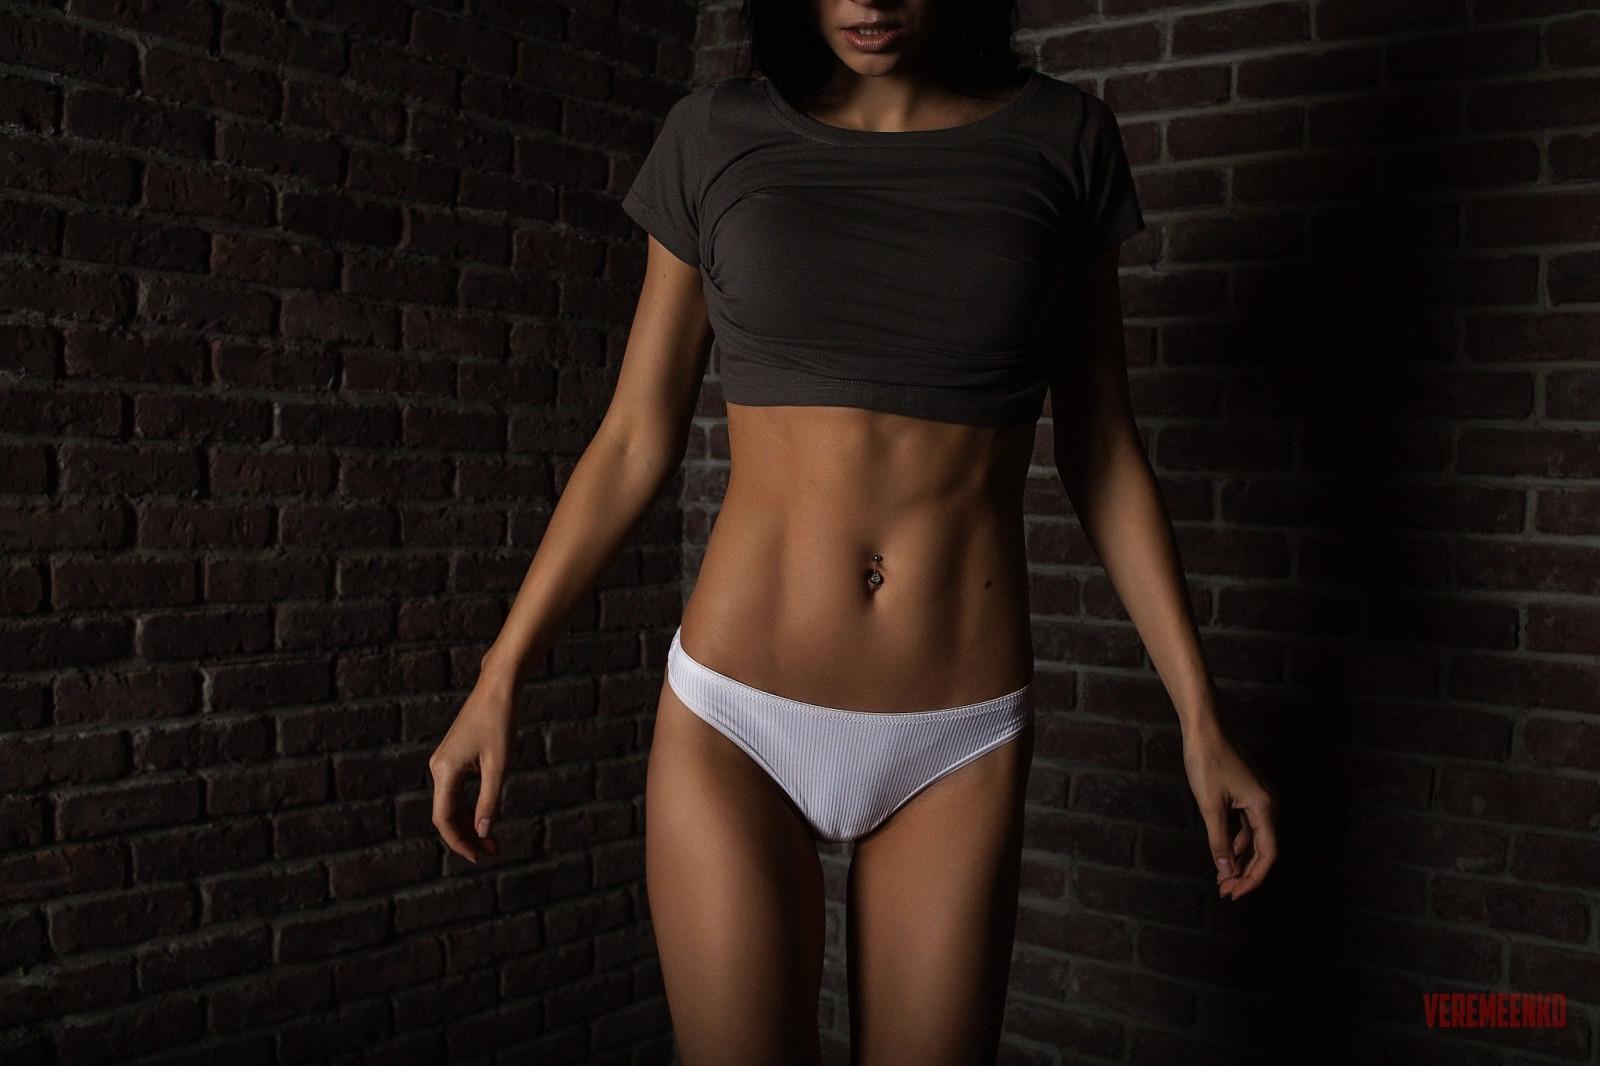 Самые красивые тела телки, Порно онлайн: Красивое тело - смотреть бесплатно 8 фотография